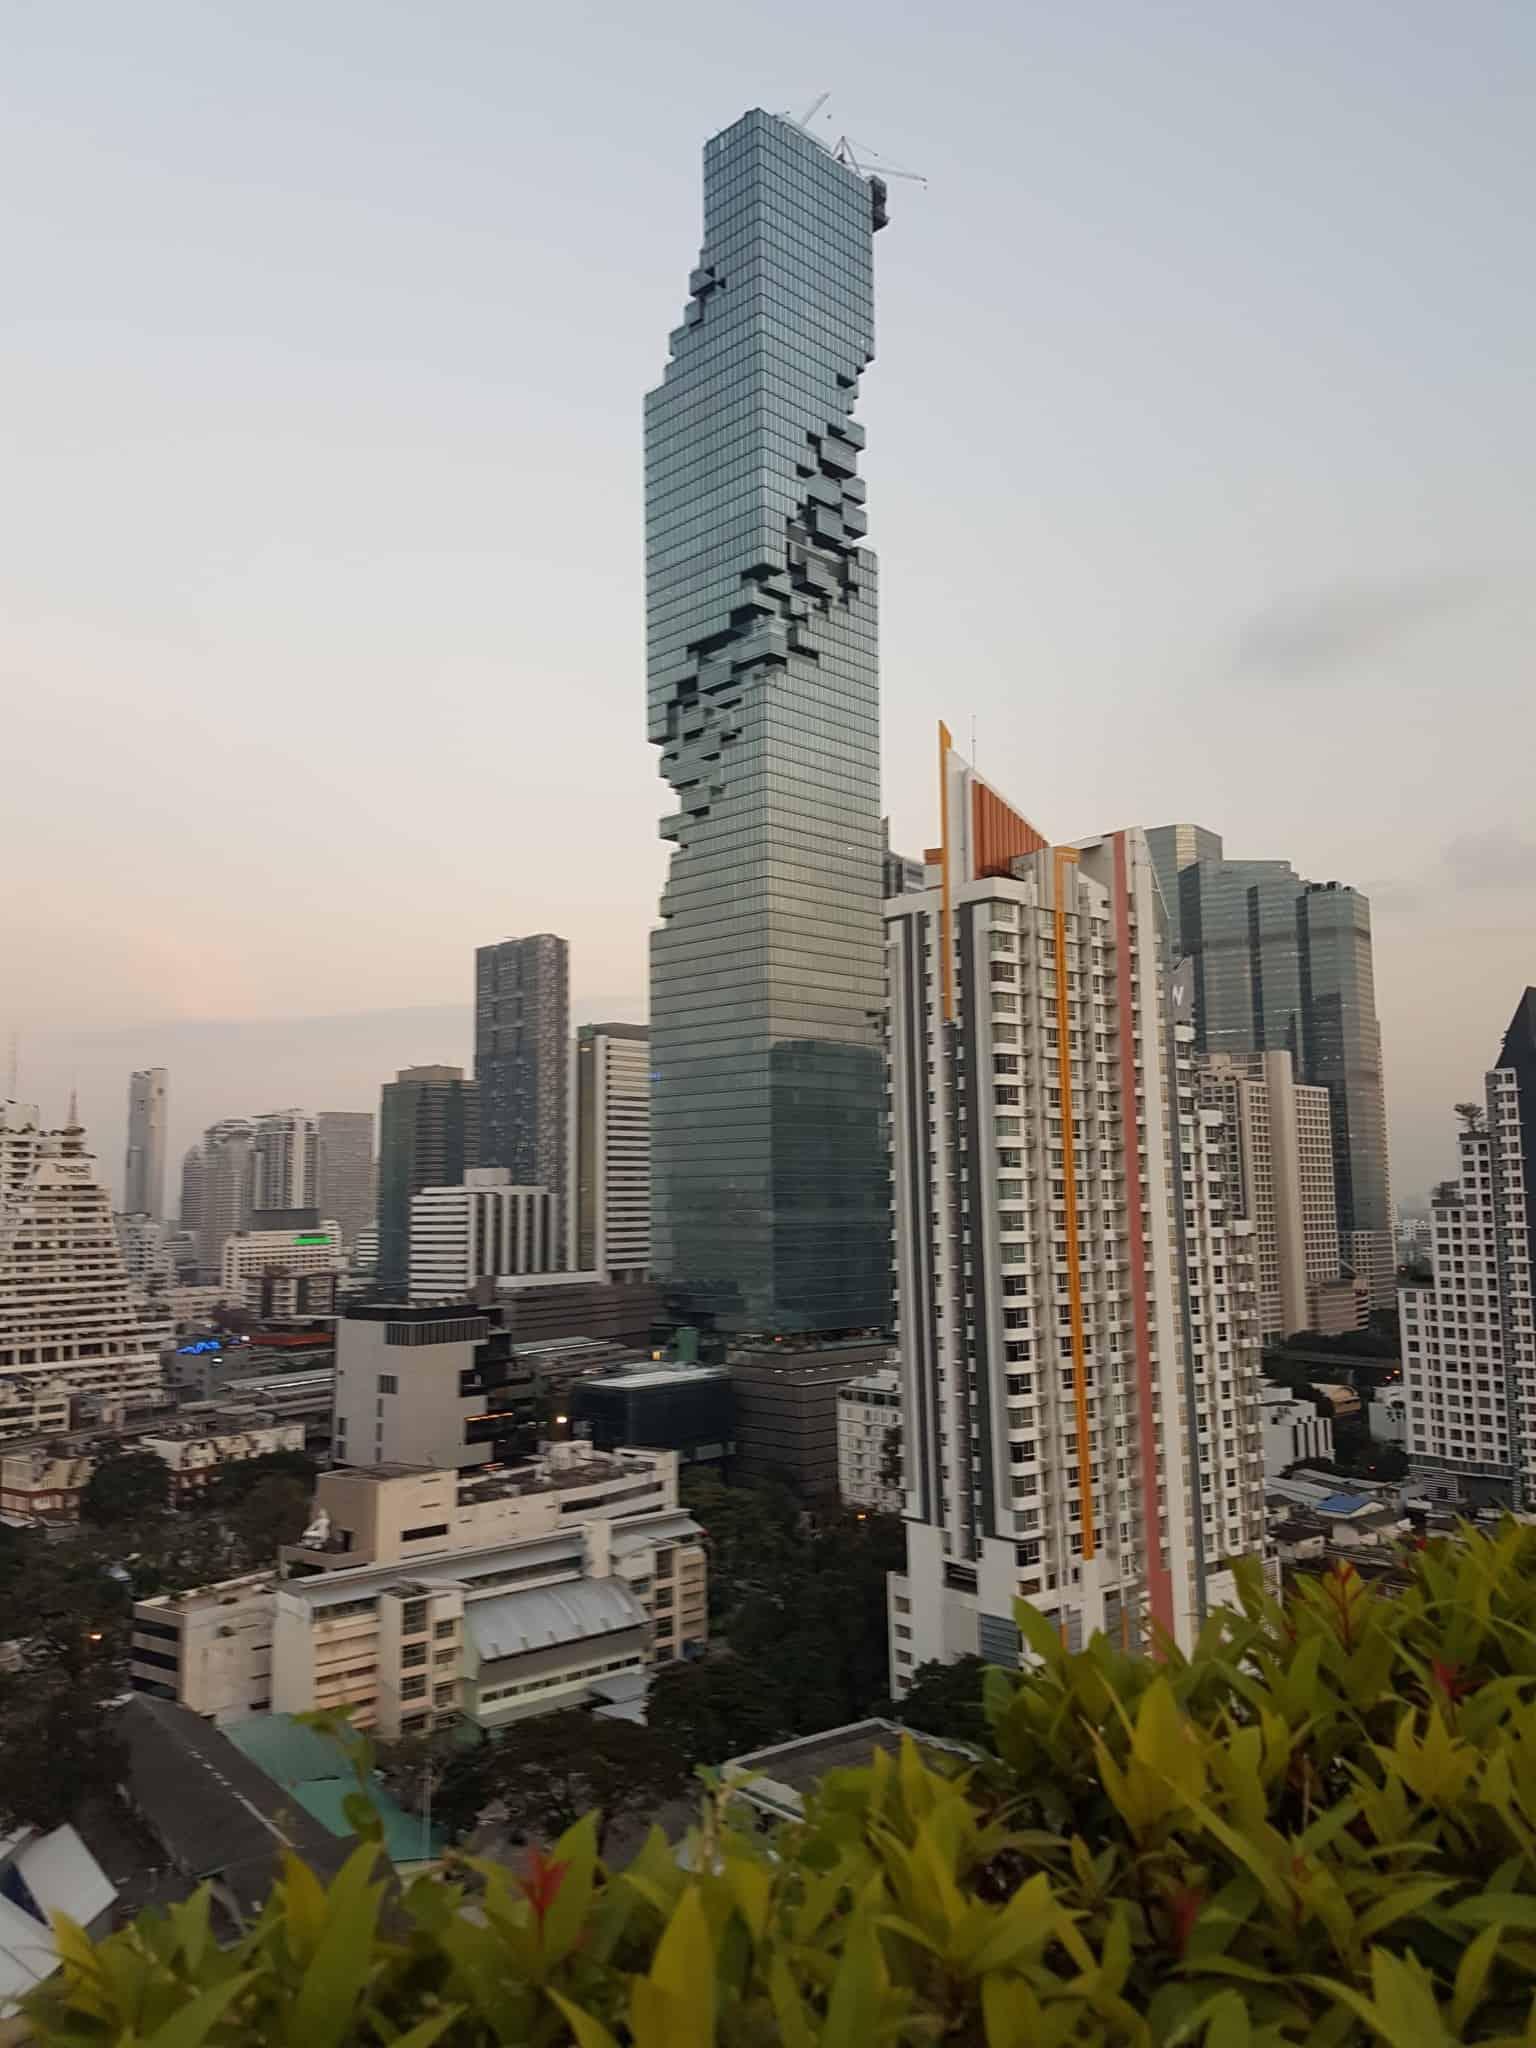 Thaïlande, coucher de soleil depuis le rooftop du Furama Hotel 🌇 9